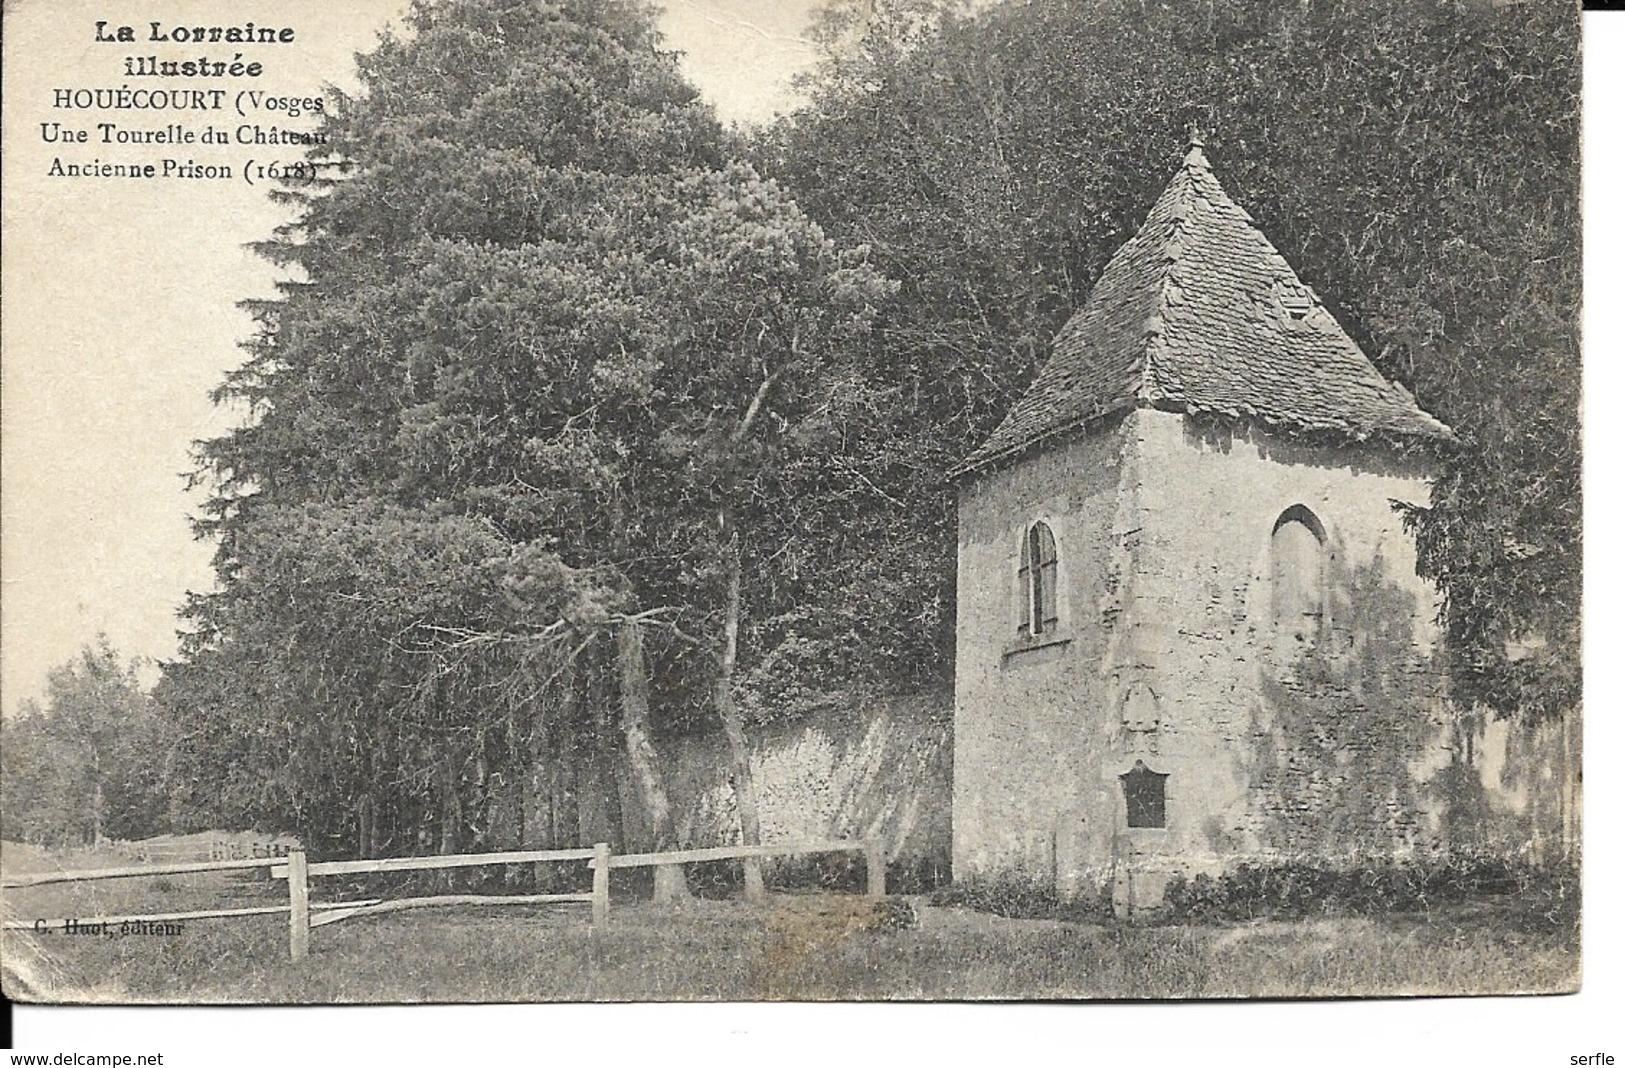 88 - Houécourt - Une Tourelle Du Château - Ancienne Prison (1618) - Frankreich